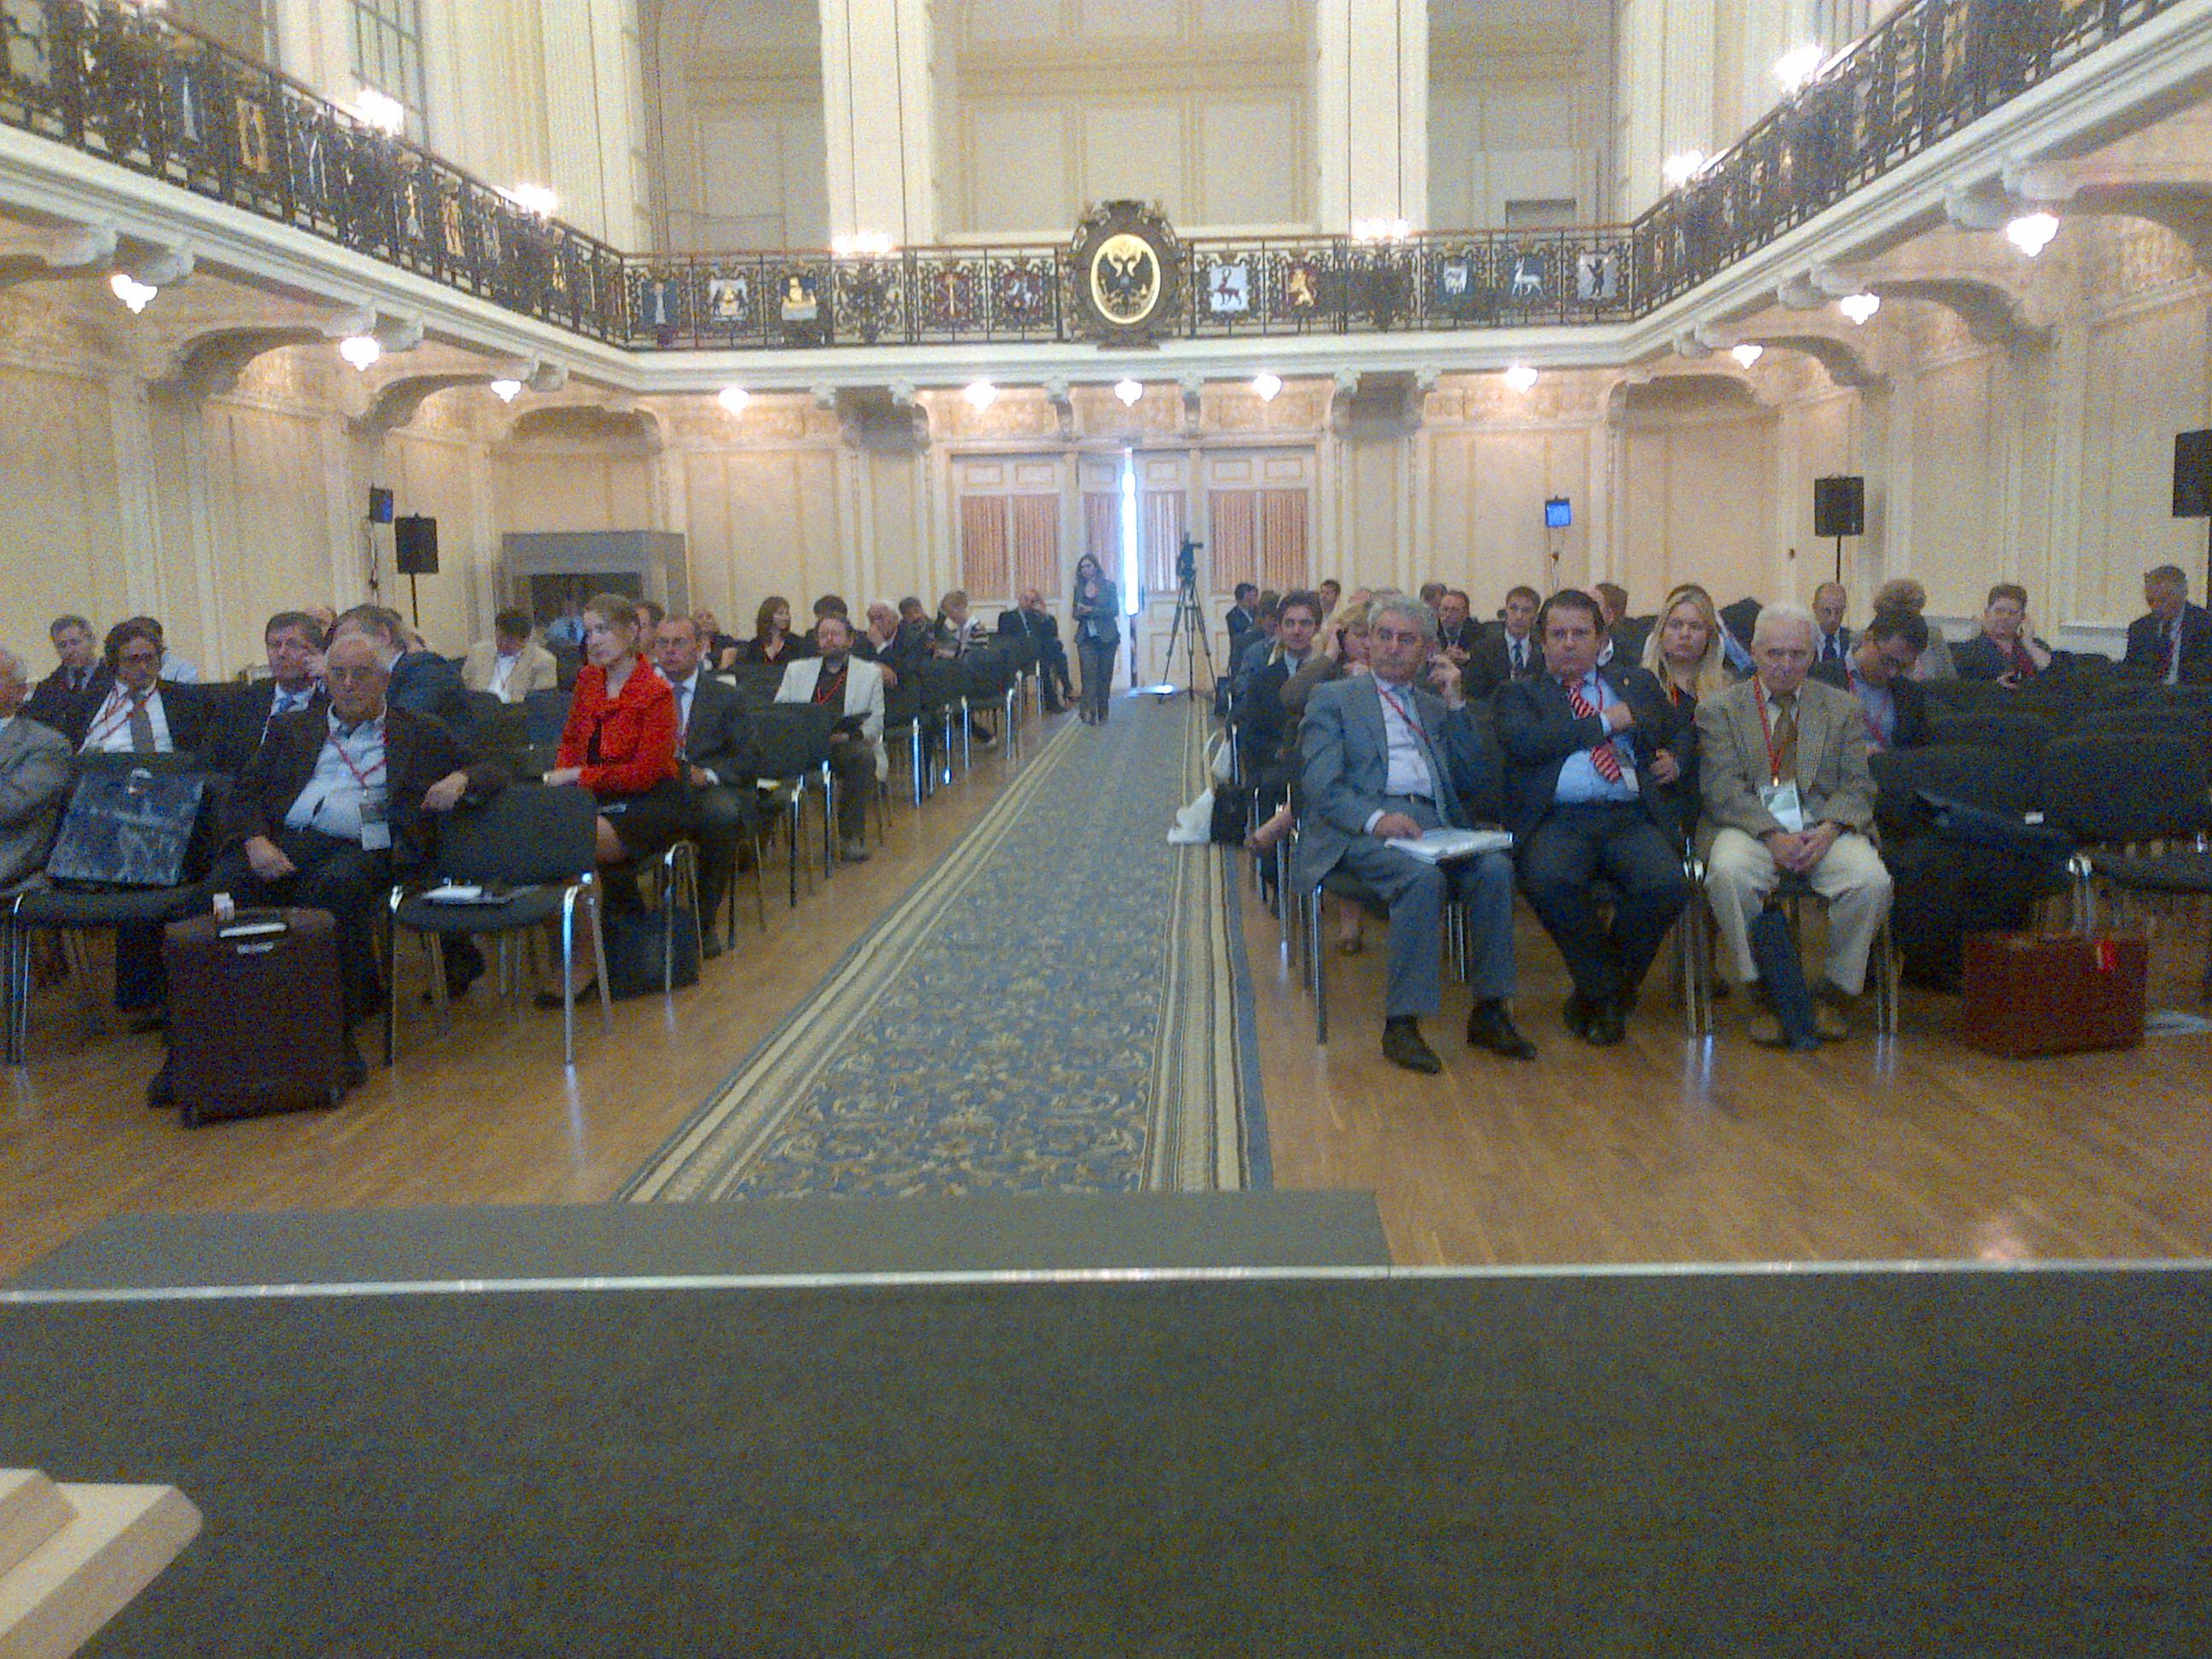 Foto: Ufficio stampa Cons. Onorario Russo a Bolzano